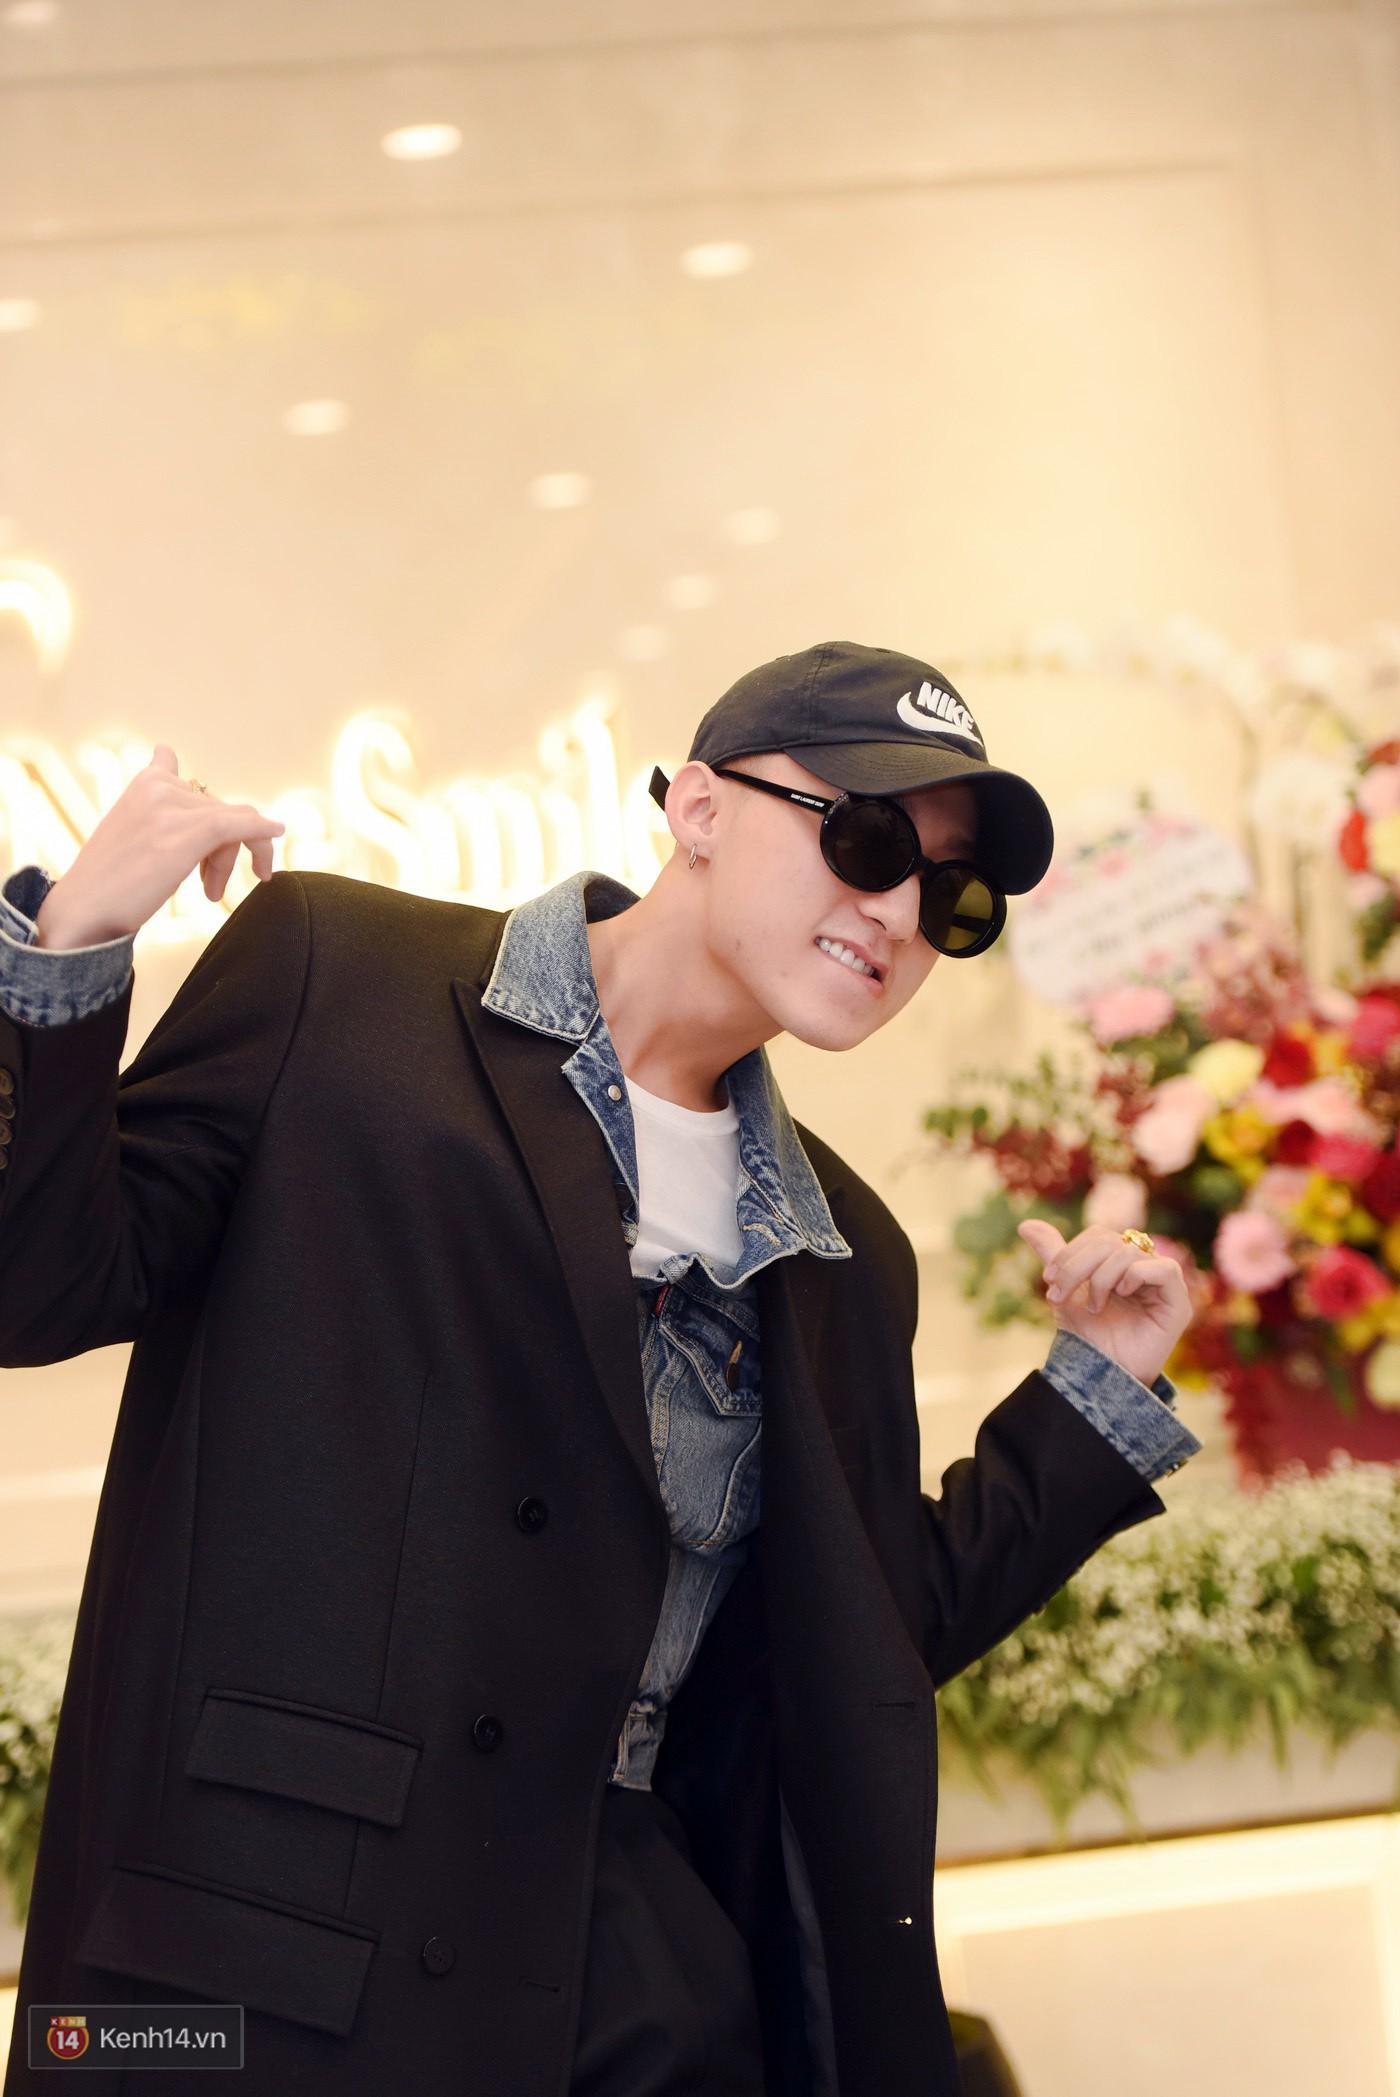 Sơn Tùng và Soobin Hoàng Sơn gây thích thú khi xuất hiện như anh em sinh đôi tại sự kiện - Ảnh 6.